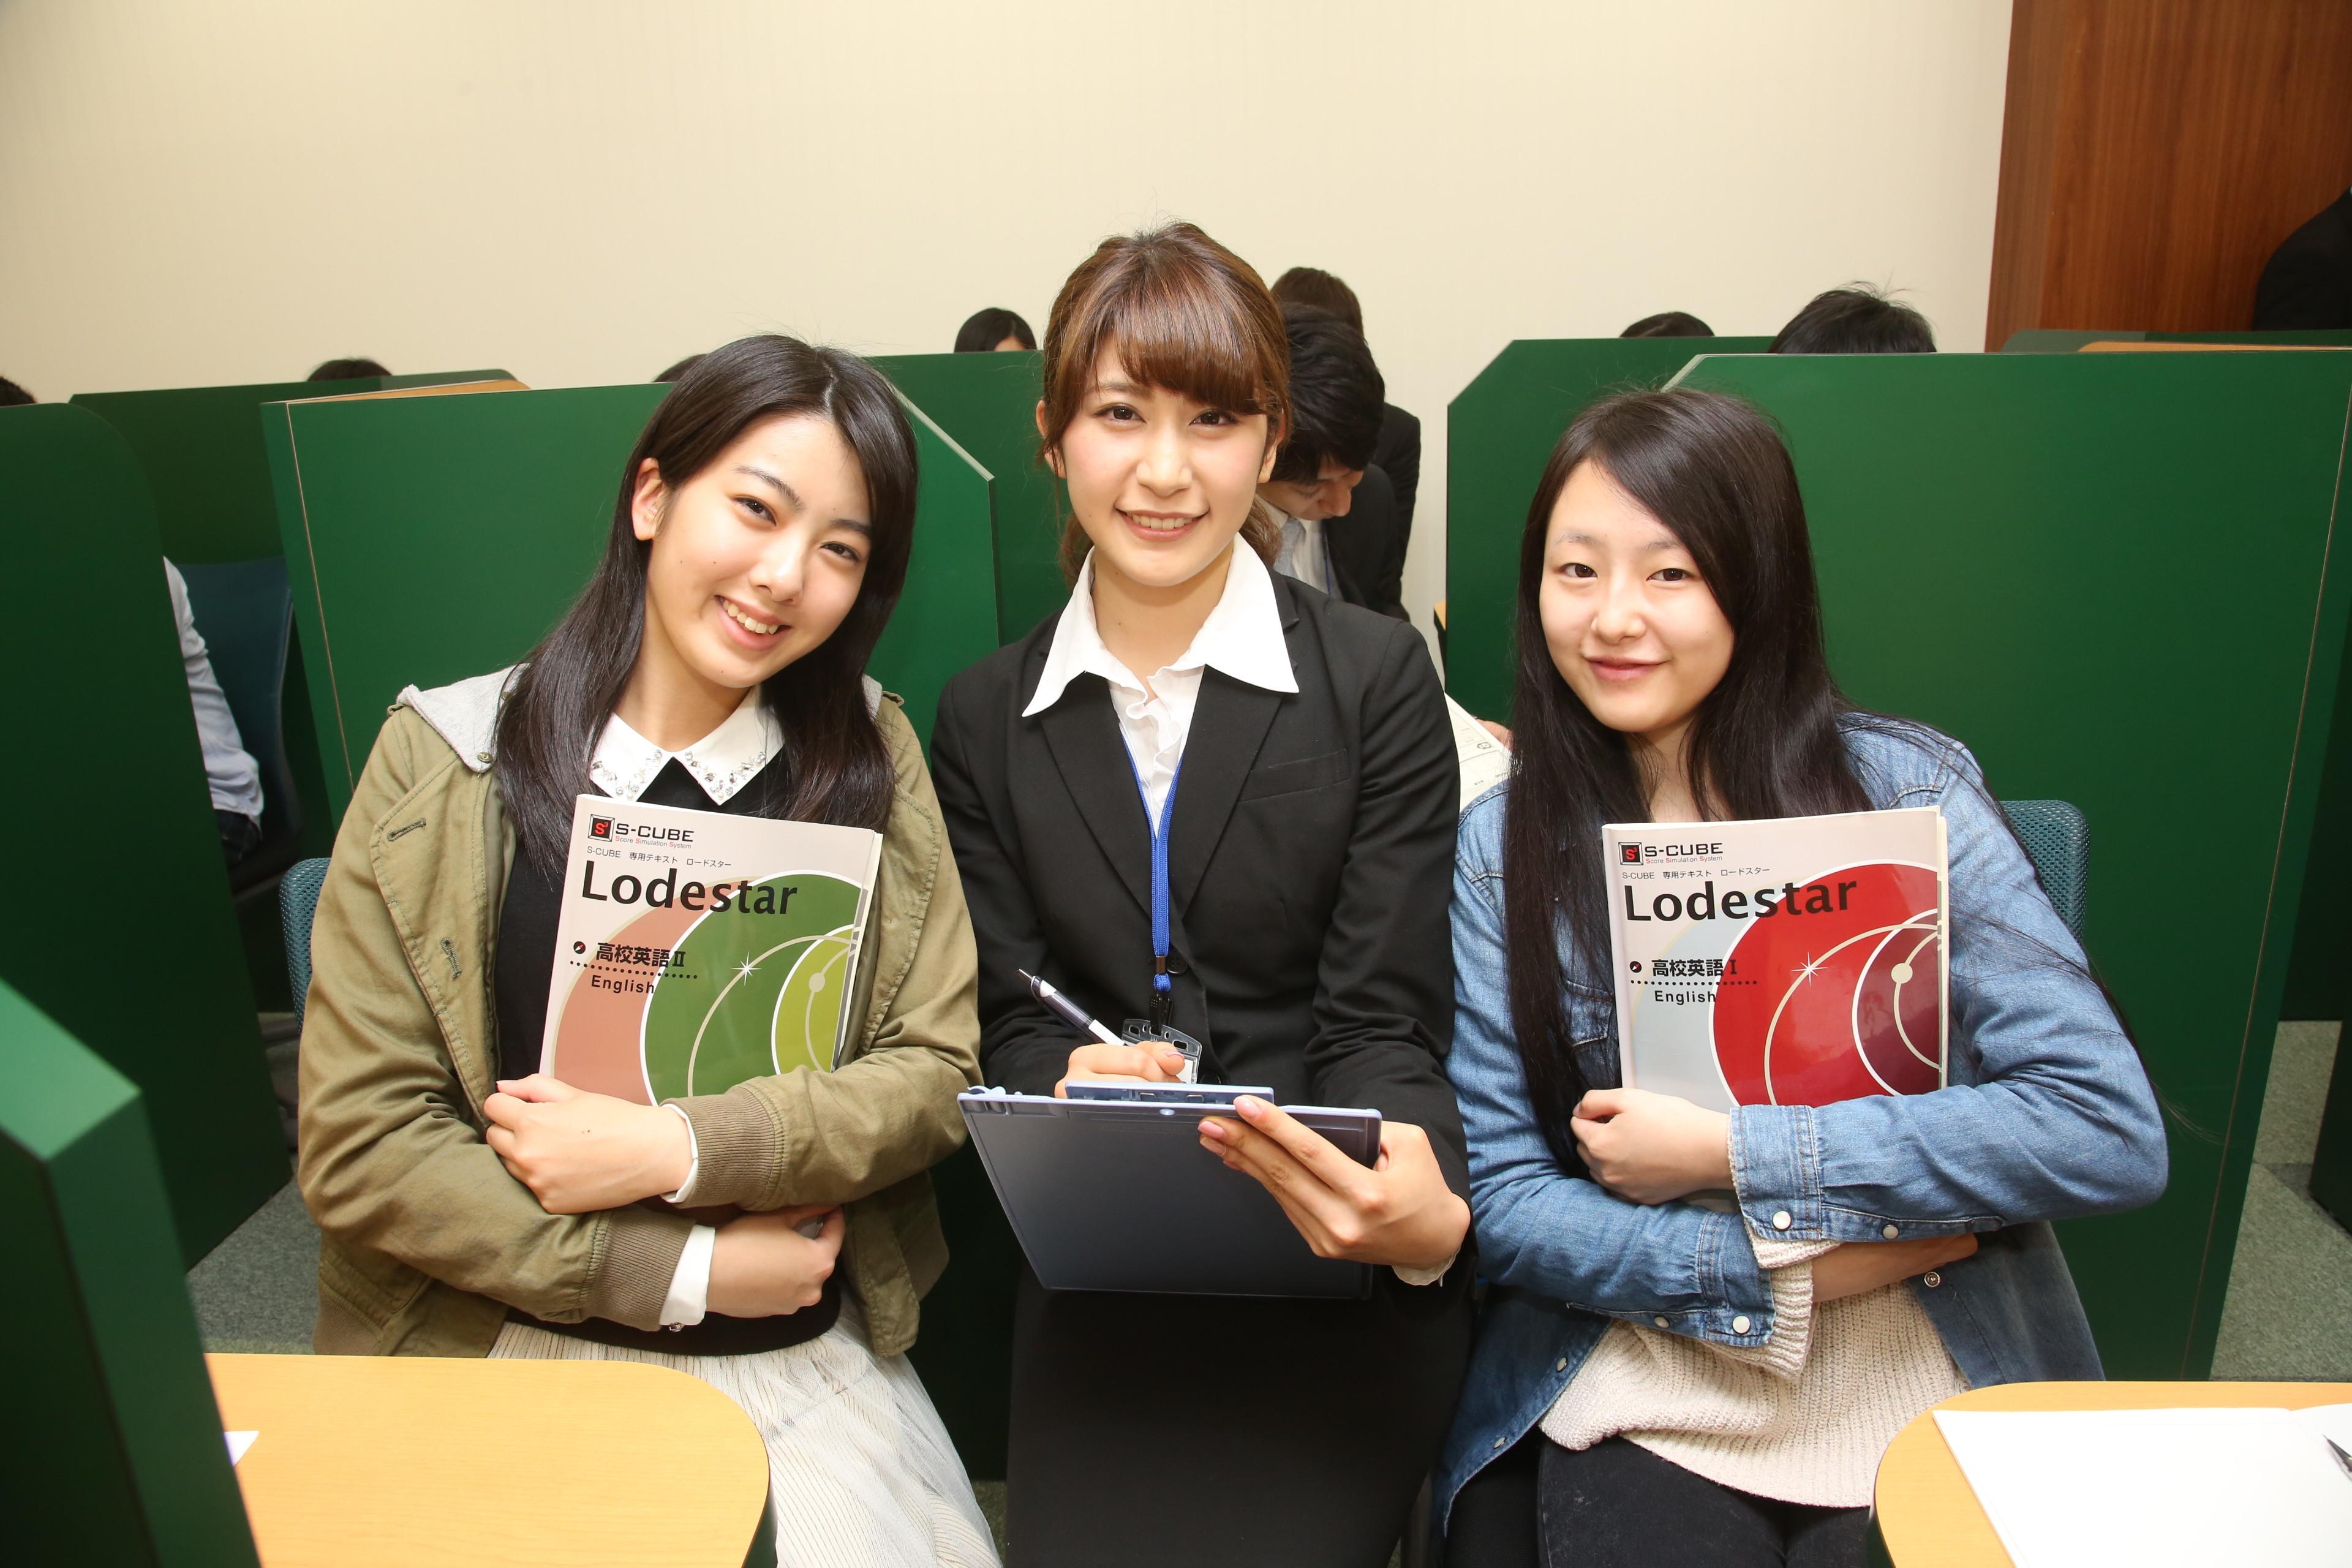 個別指導学院 フリーステップ 亀岡駅前教室のアルバイト情報